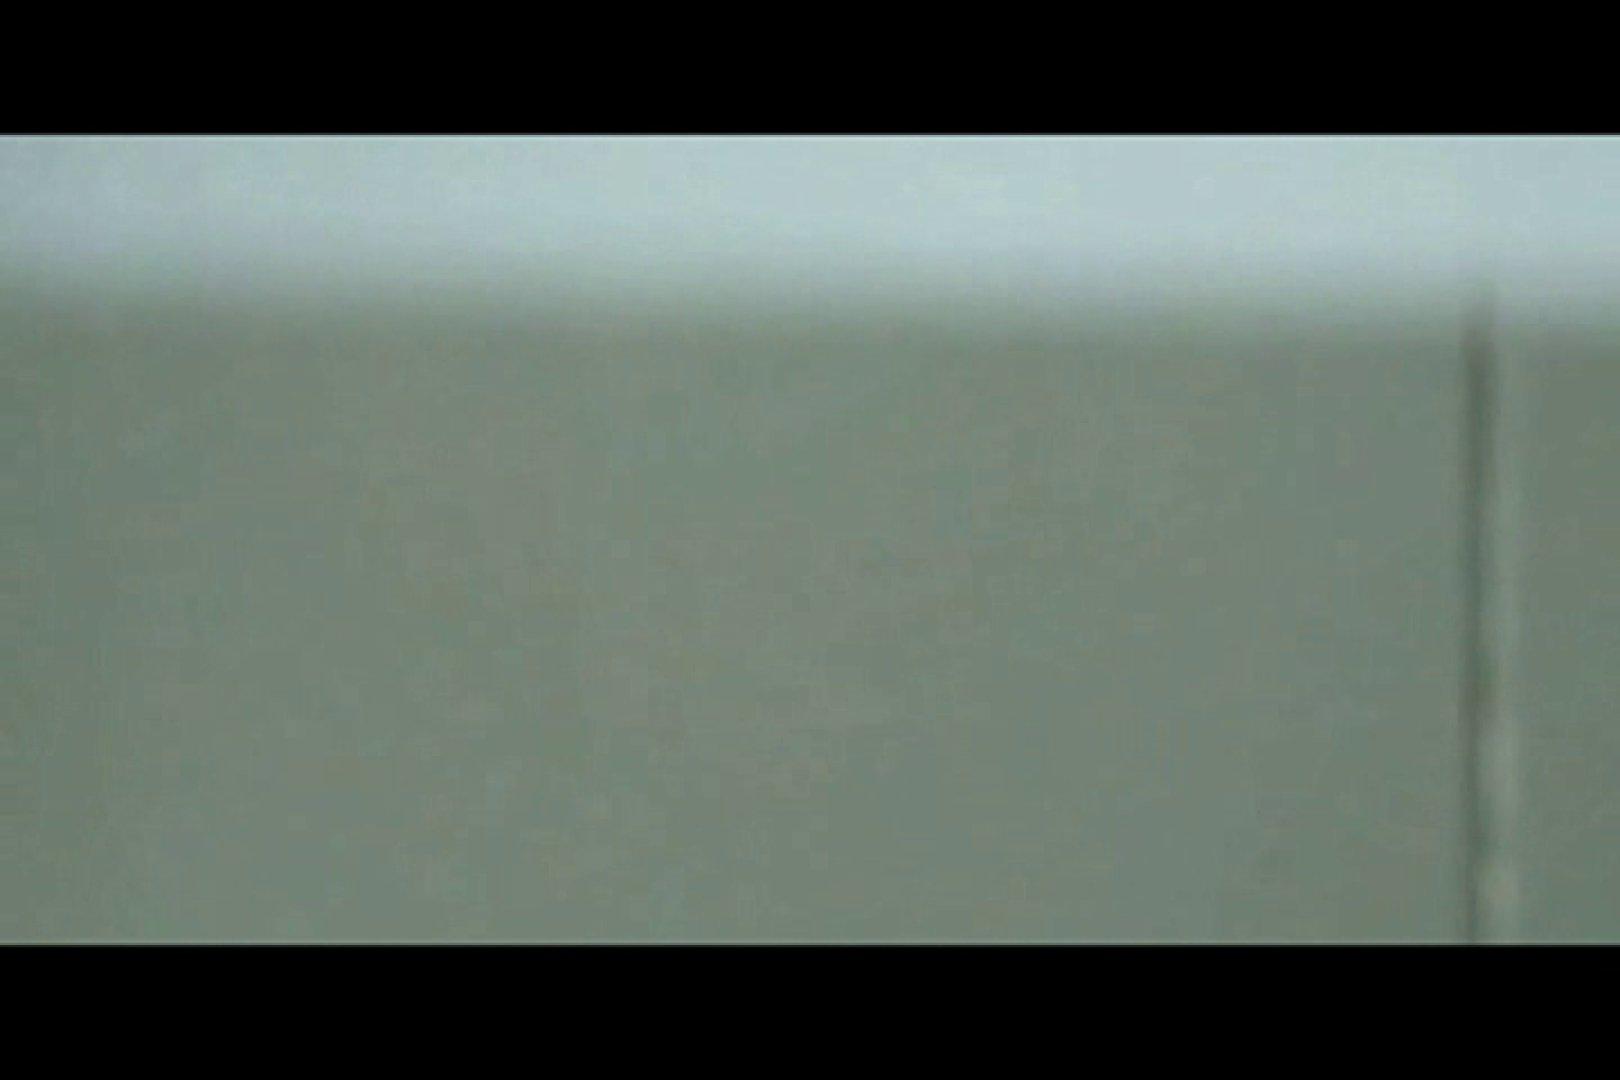 ぼっとん洗面所スペシャルVol.16 洗面所 | すけべなOL  103画像 21